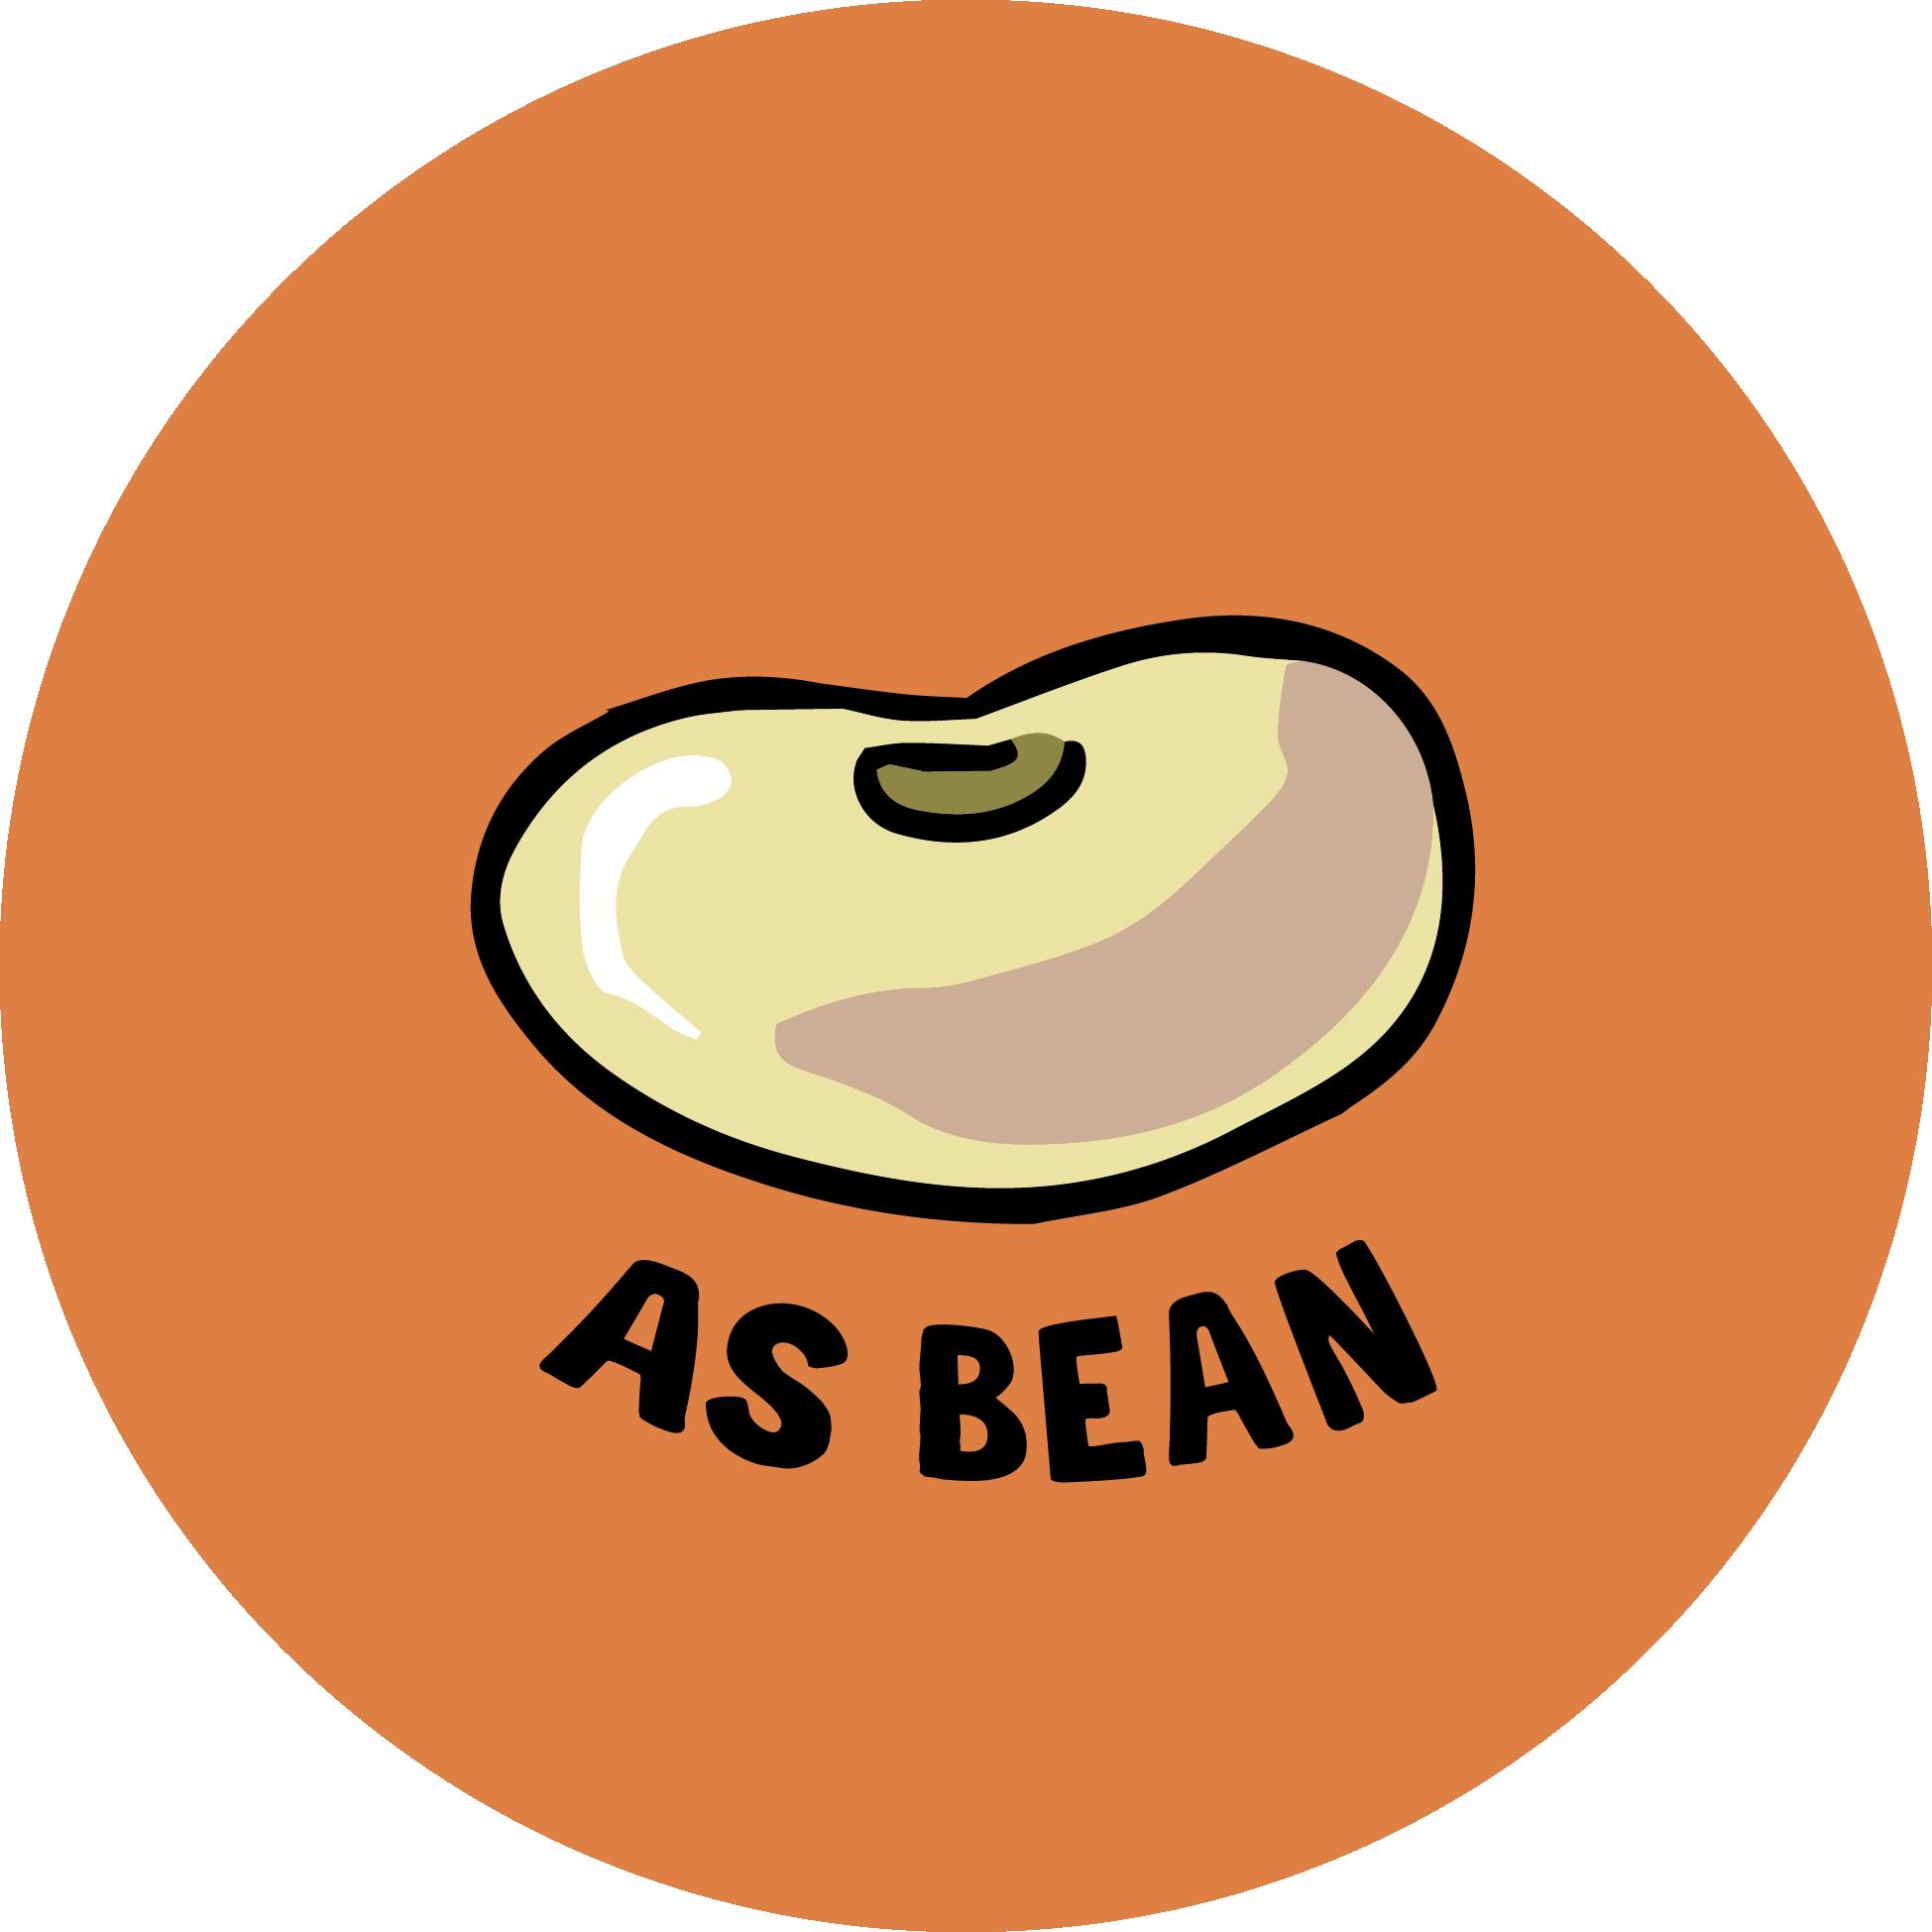 As Bean